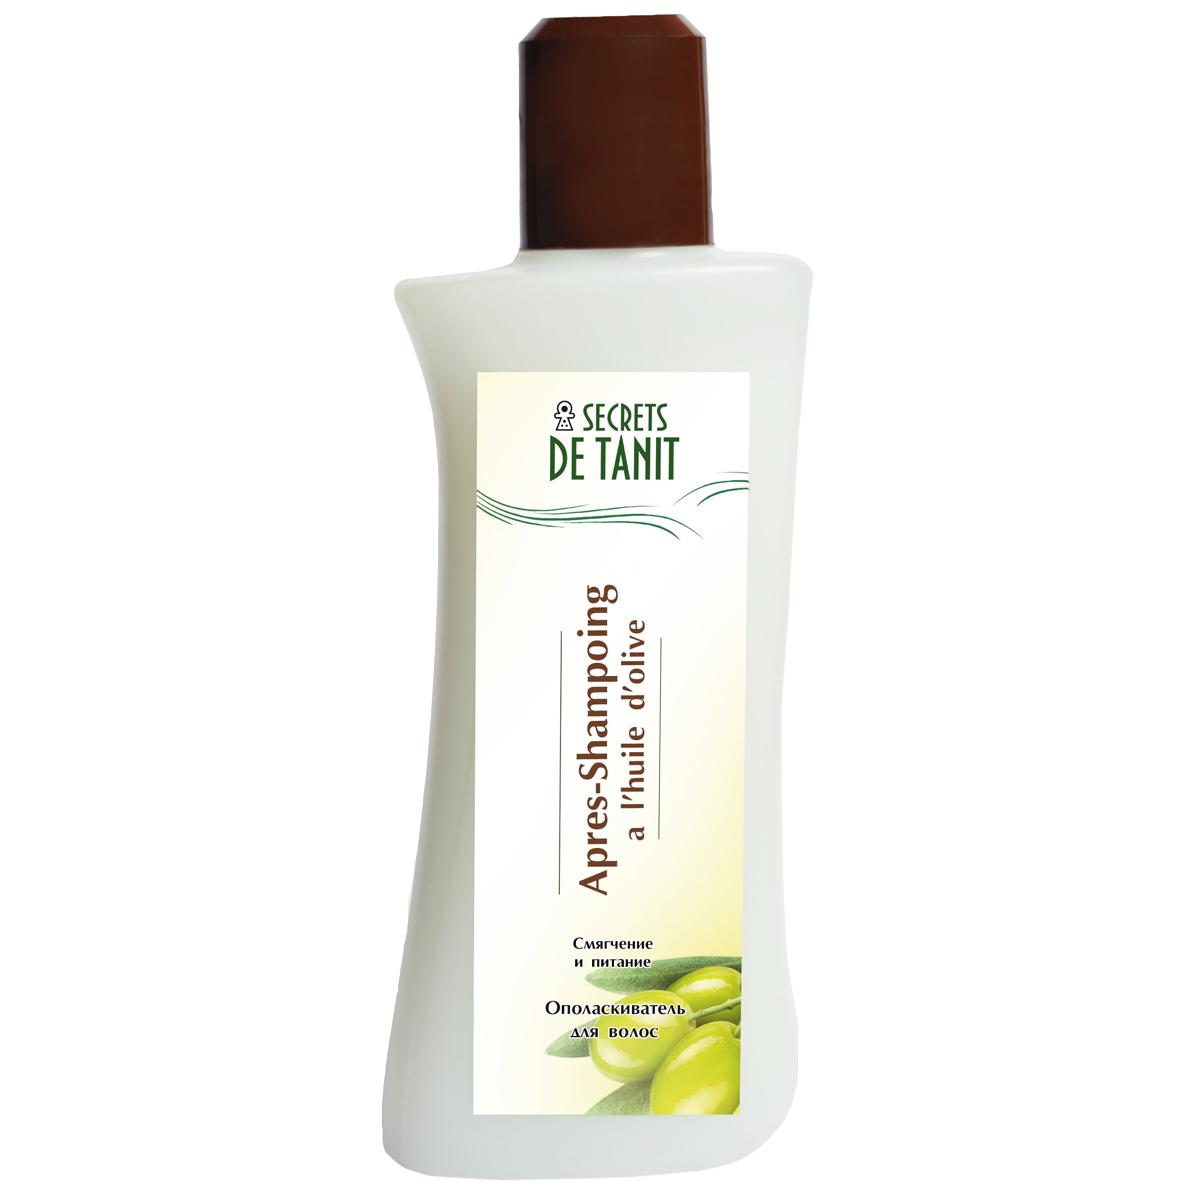 Secrets de Tanit Ополаскиватель для волос с маслом оливы, 200 мл1000024Ополаскиватель для волос облегчает расчесывание волос после мытья Шампунем с глиной Тфаль ( Гассуль) ,придает им эластичность и шелковистость. Ополаскиватель содержит масло оливы, который бережно обеспечиваетволосы и кожу головы питательными веществами.